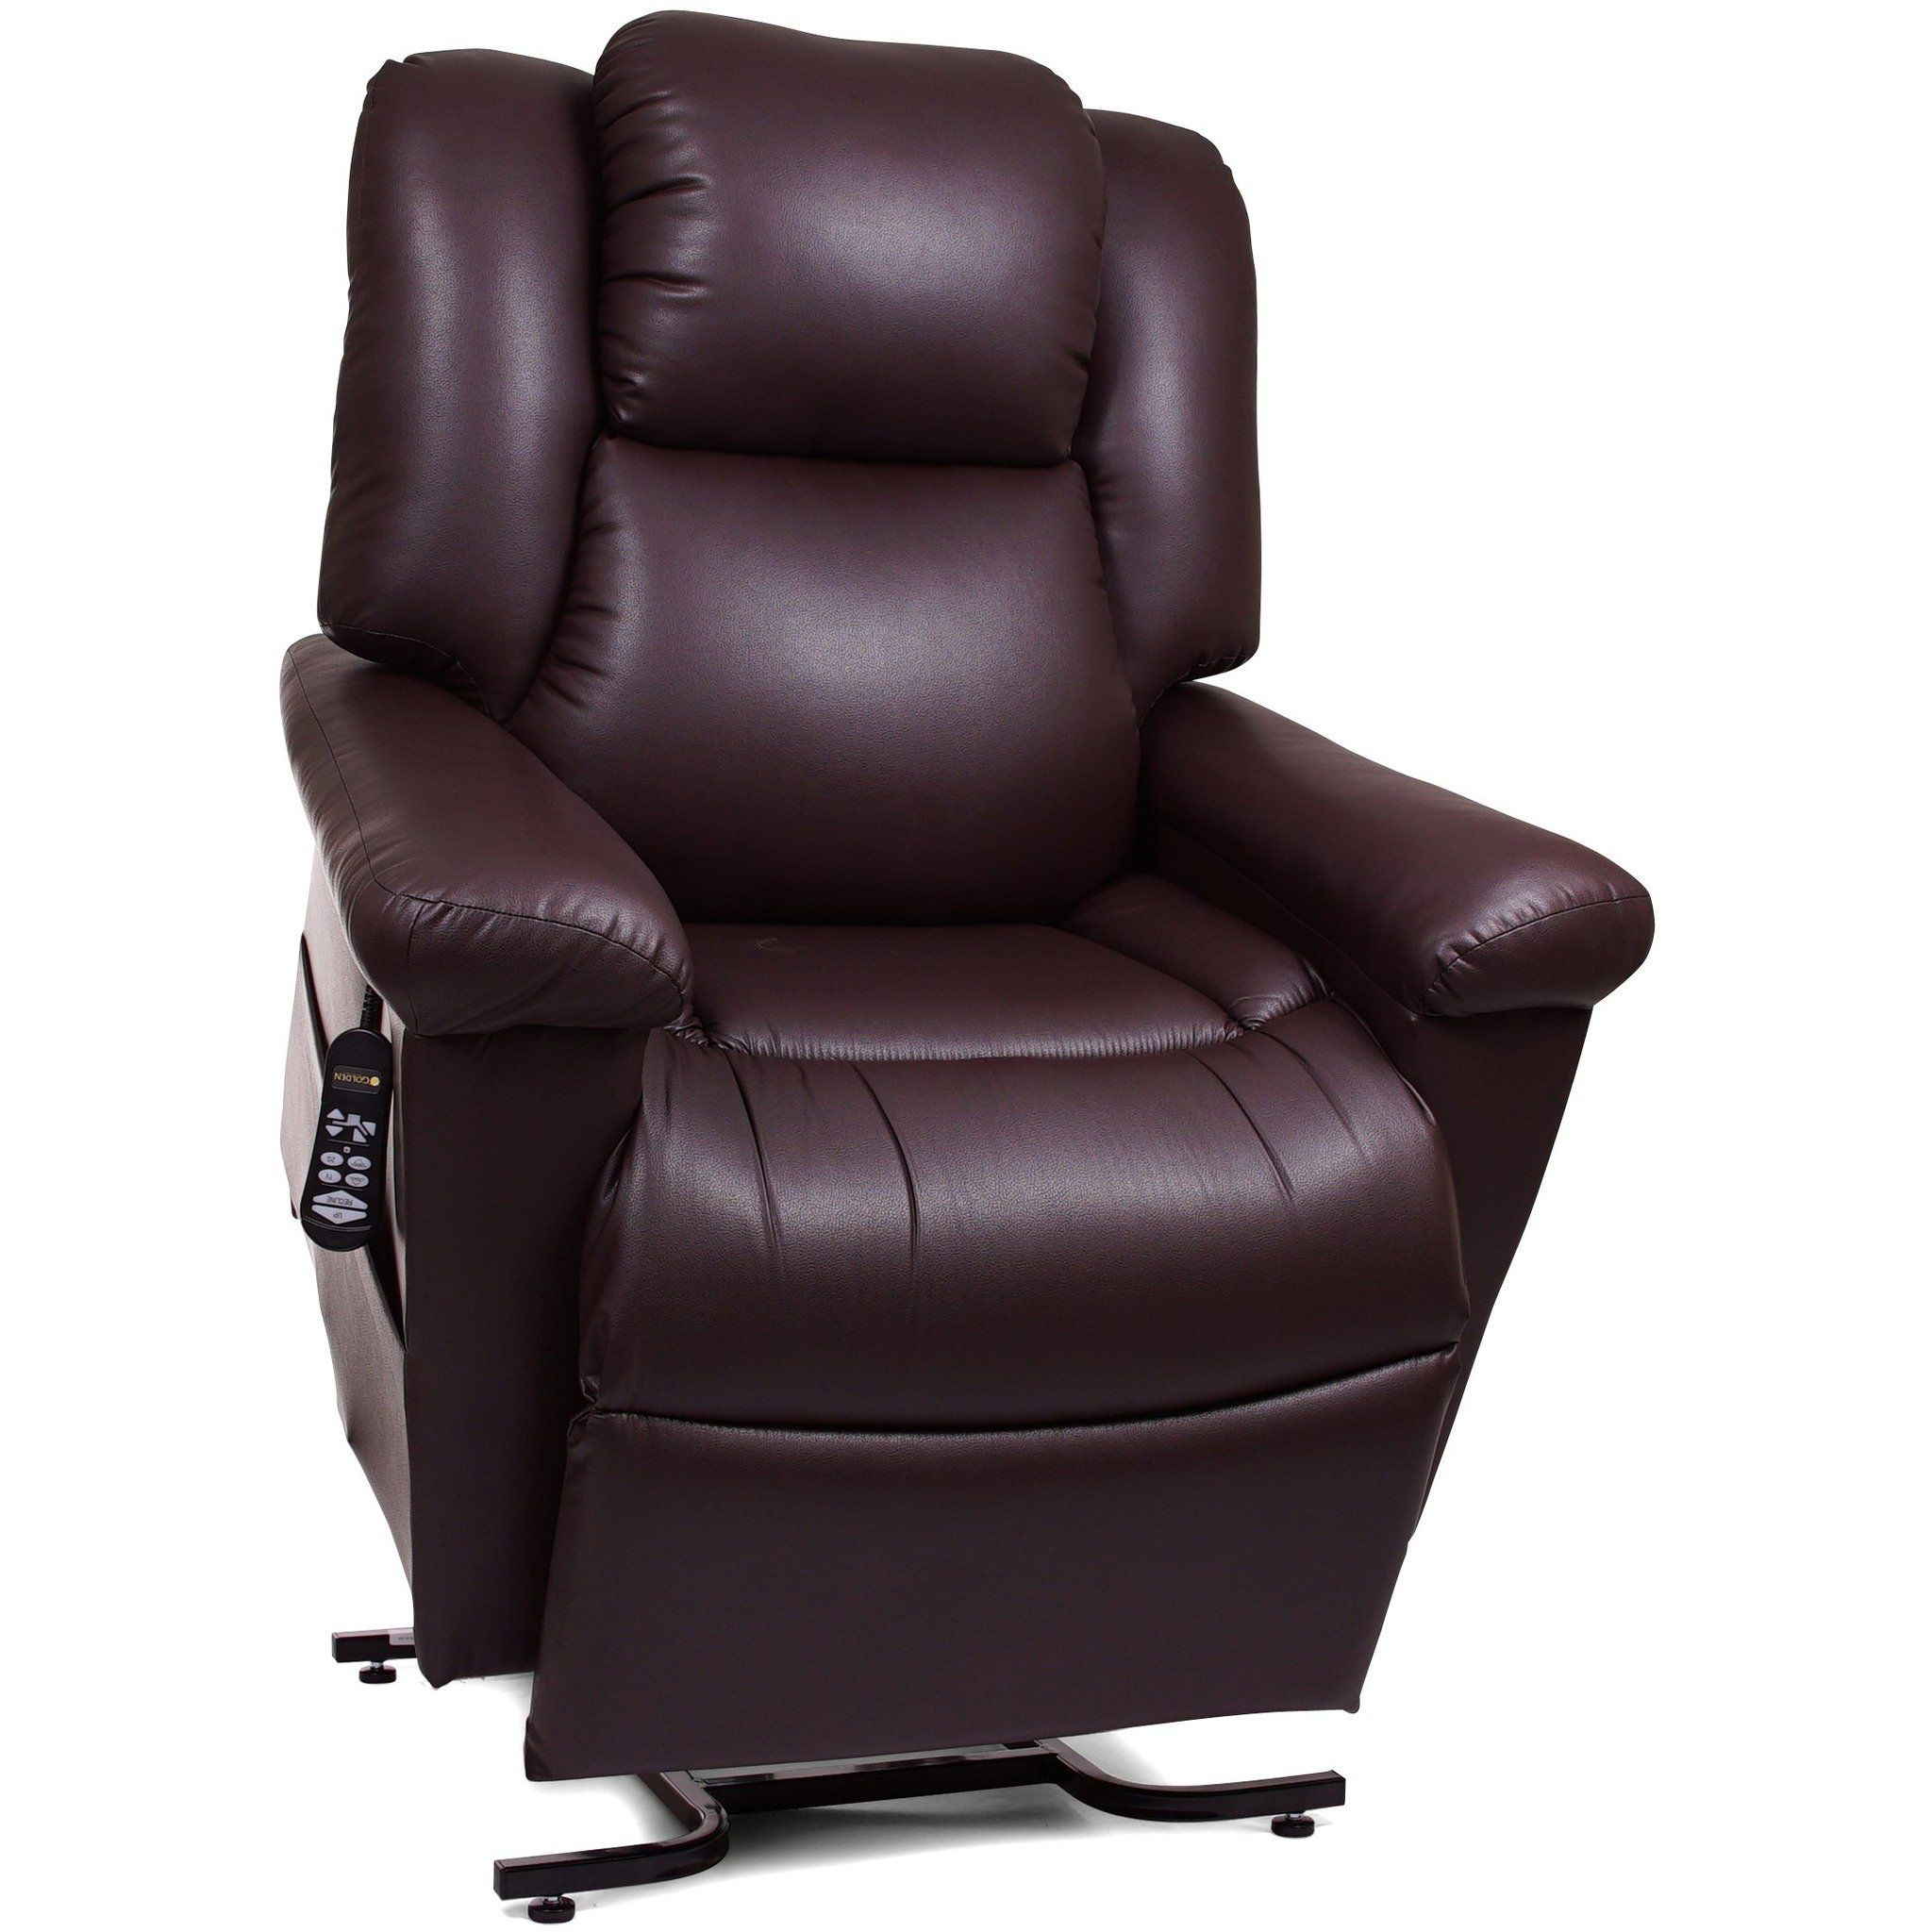 Golden daydreamer pr632 lift chair